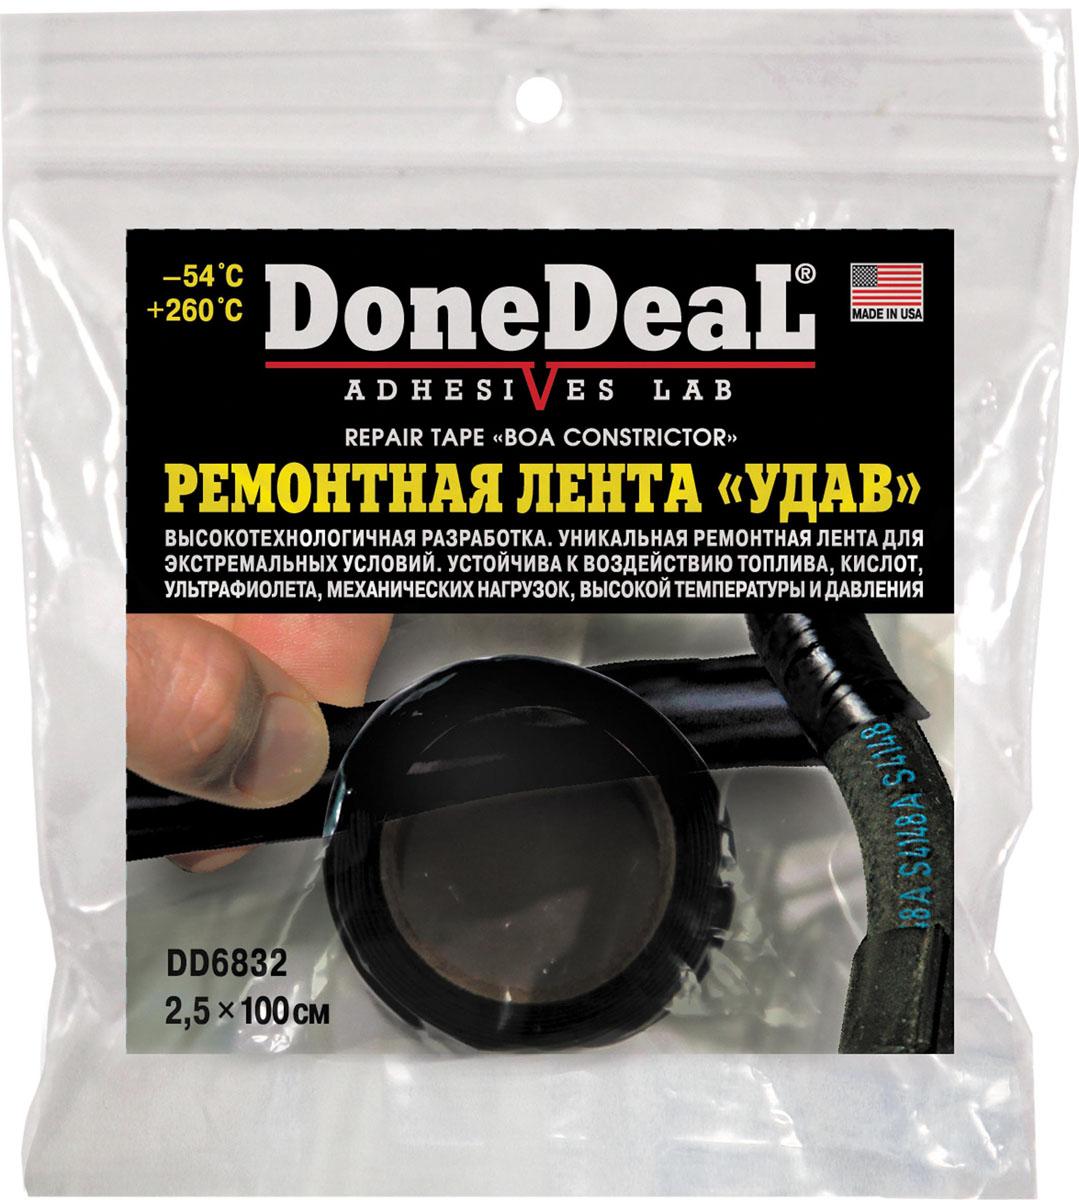 Термостойкая (до 260 С) ремонтная лента Done Deal Удав, цвет: черный. DD 6832DD 6832Высокотехнологичная разработка. Уникальная ремонтная лента для экстремальных нагрузок. Устойчива к воздействию топлива, кислот, ультрафиолета, механических нагрузок, высокой температуры и давления. Не имеет клеевого слоя, полимеризуется при наматывании и создает плотный и прочный слой-бандаж, «спекаясь» в однородную массу. Работает в интервале температур от -54°С до +260°С, в условиях, в которых обычные изоляционные ленты применяться не могут. Обладает высокими диэлектрическими свойствами, обеспечивает изоляцию при напряжении до 7870 В (слой 0,5 мм) — в зависимости от влажности и рабочего напряжения рекомендуется использовать несколько слоев. Выдерживает высокое давление жидкостей и газов. Прочность на растяжение — не менее 4,8 МРа. Вытягивается до 300%, не теряя своих свойств. Хорошо облегает сложные формы, не сползает, не пачкается. Применяется для герметизации течей труб из различных материалов и резиновых шлангов, в том числе находящихся под давлением; электроизоляции проводов, разъемов, штекеров, а также соединений, работающих в воде или под землей; изготовления вибропоглощающих долговечных рукояток для инструмента и удобных ручек для спортинвентаря; ремонта катеров и яхт, предохранения концов канатов от раскручивания; обеспечивает надежный ремонт шлангов радиаторов прямо на дороге. Отремонтированная техника может эксплуатироваться через 15-20 минут. Полная полимеризация ремонтного слоя происходит через 24 часа. Нагрев ускоряет «спекание». Не токсична.